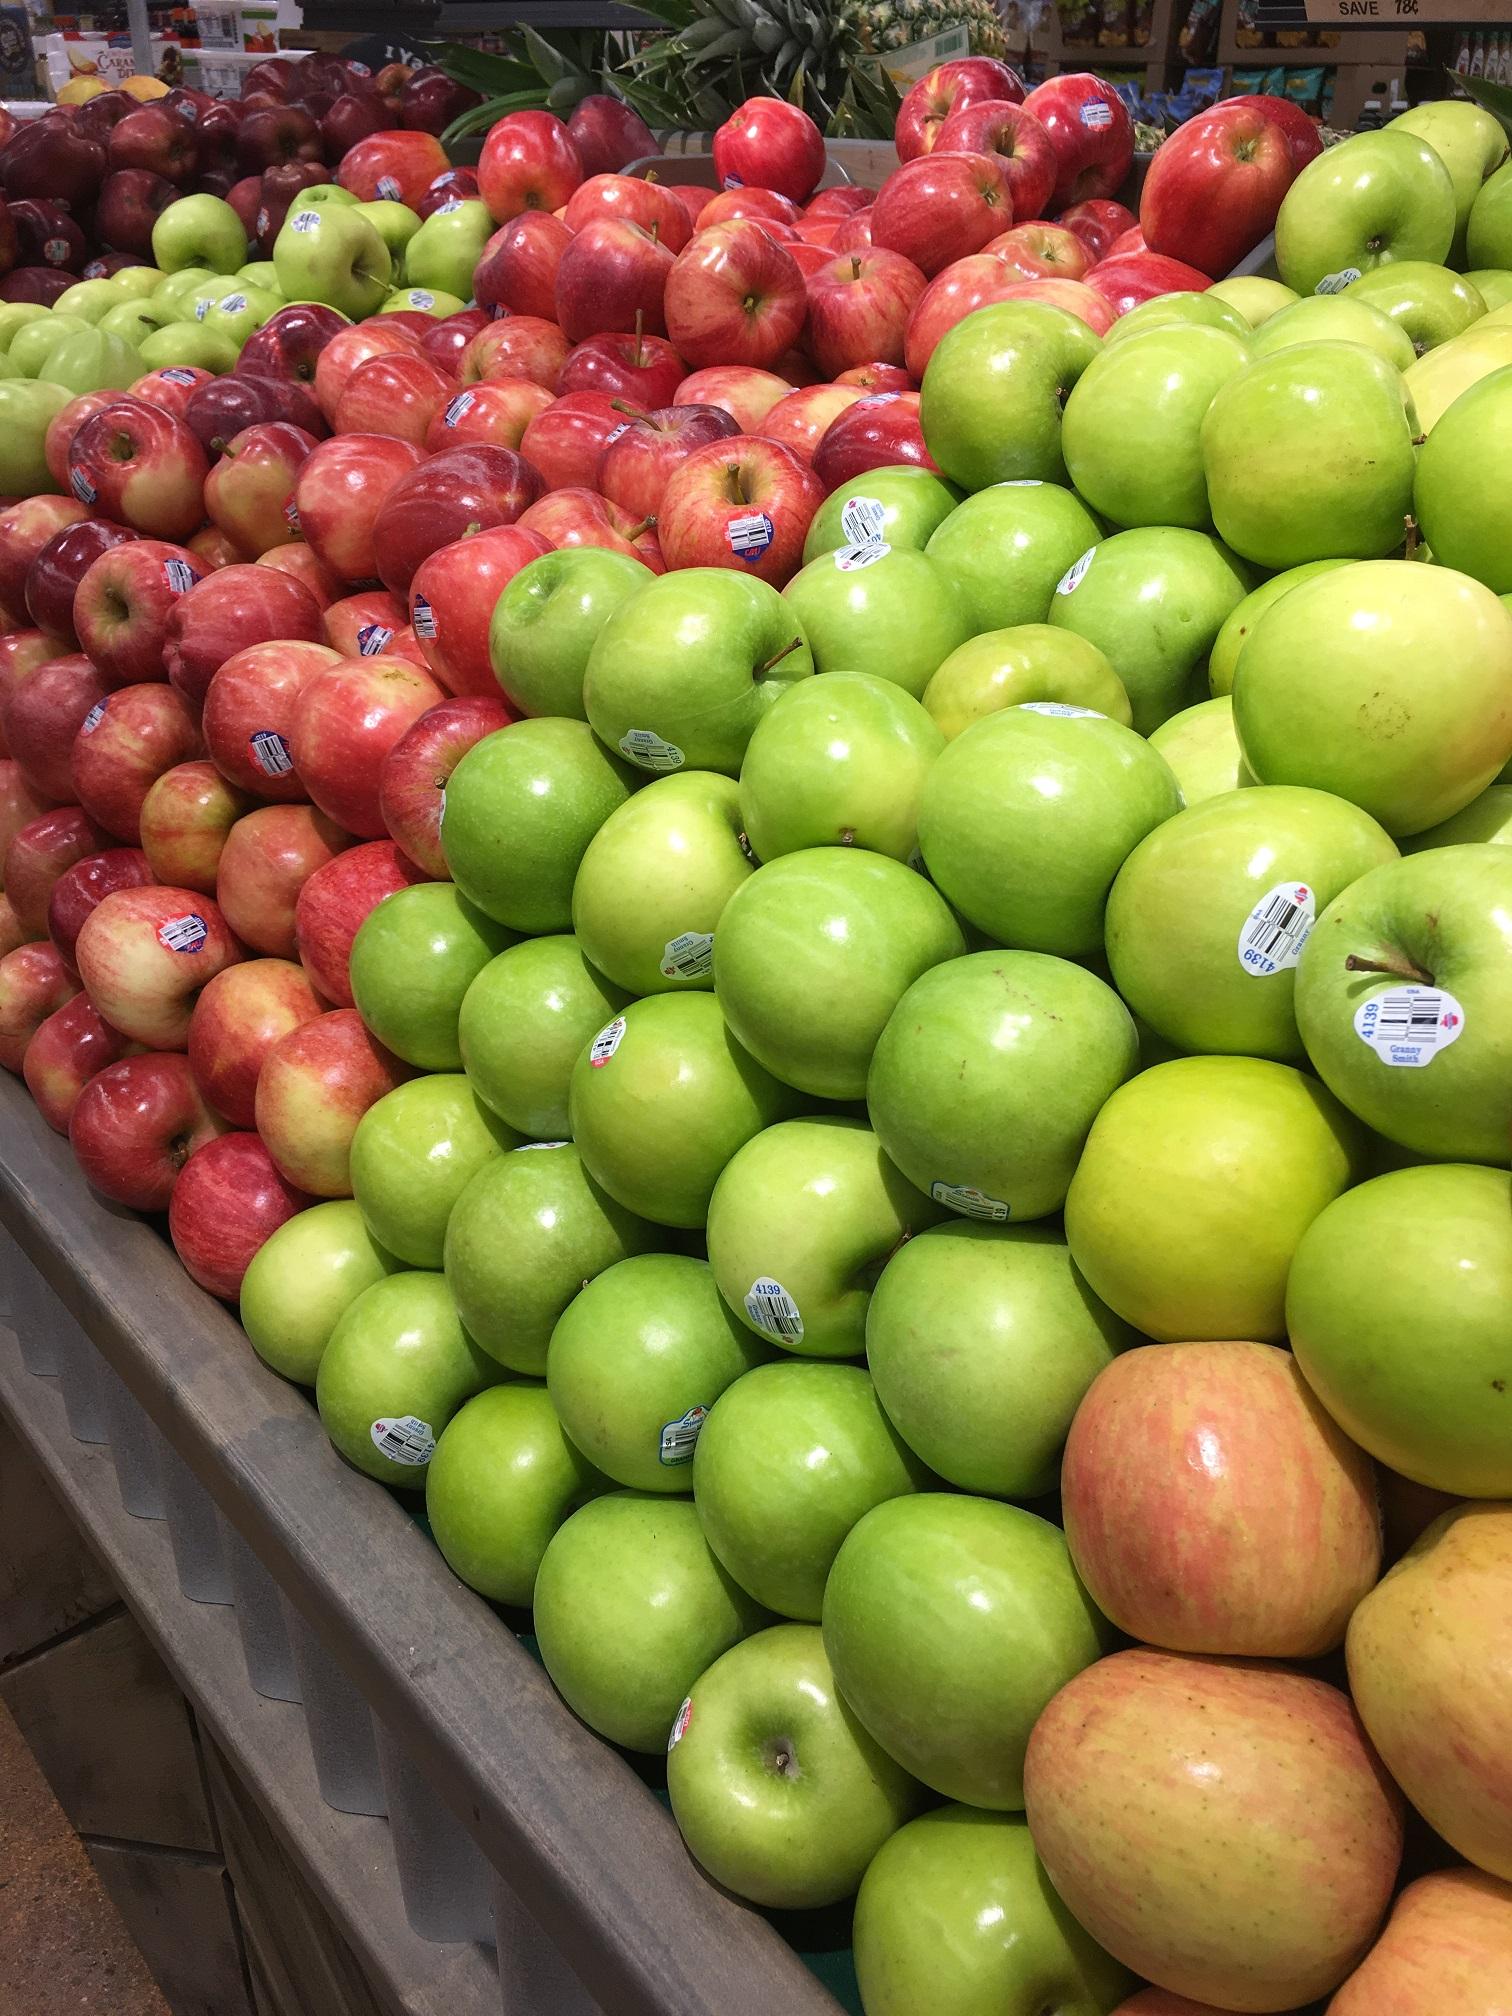 Apples-RedGreen-resize50.jpg